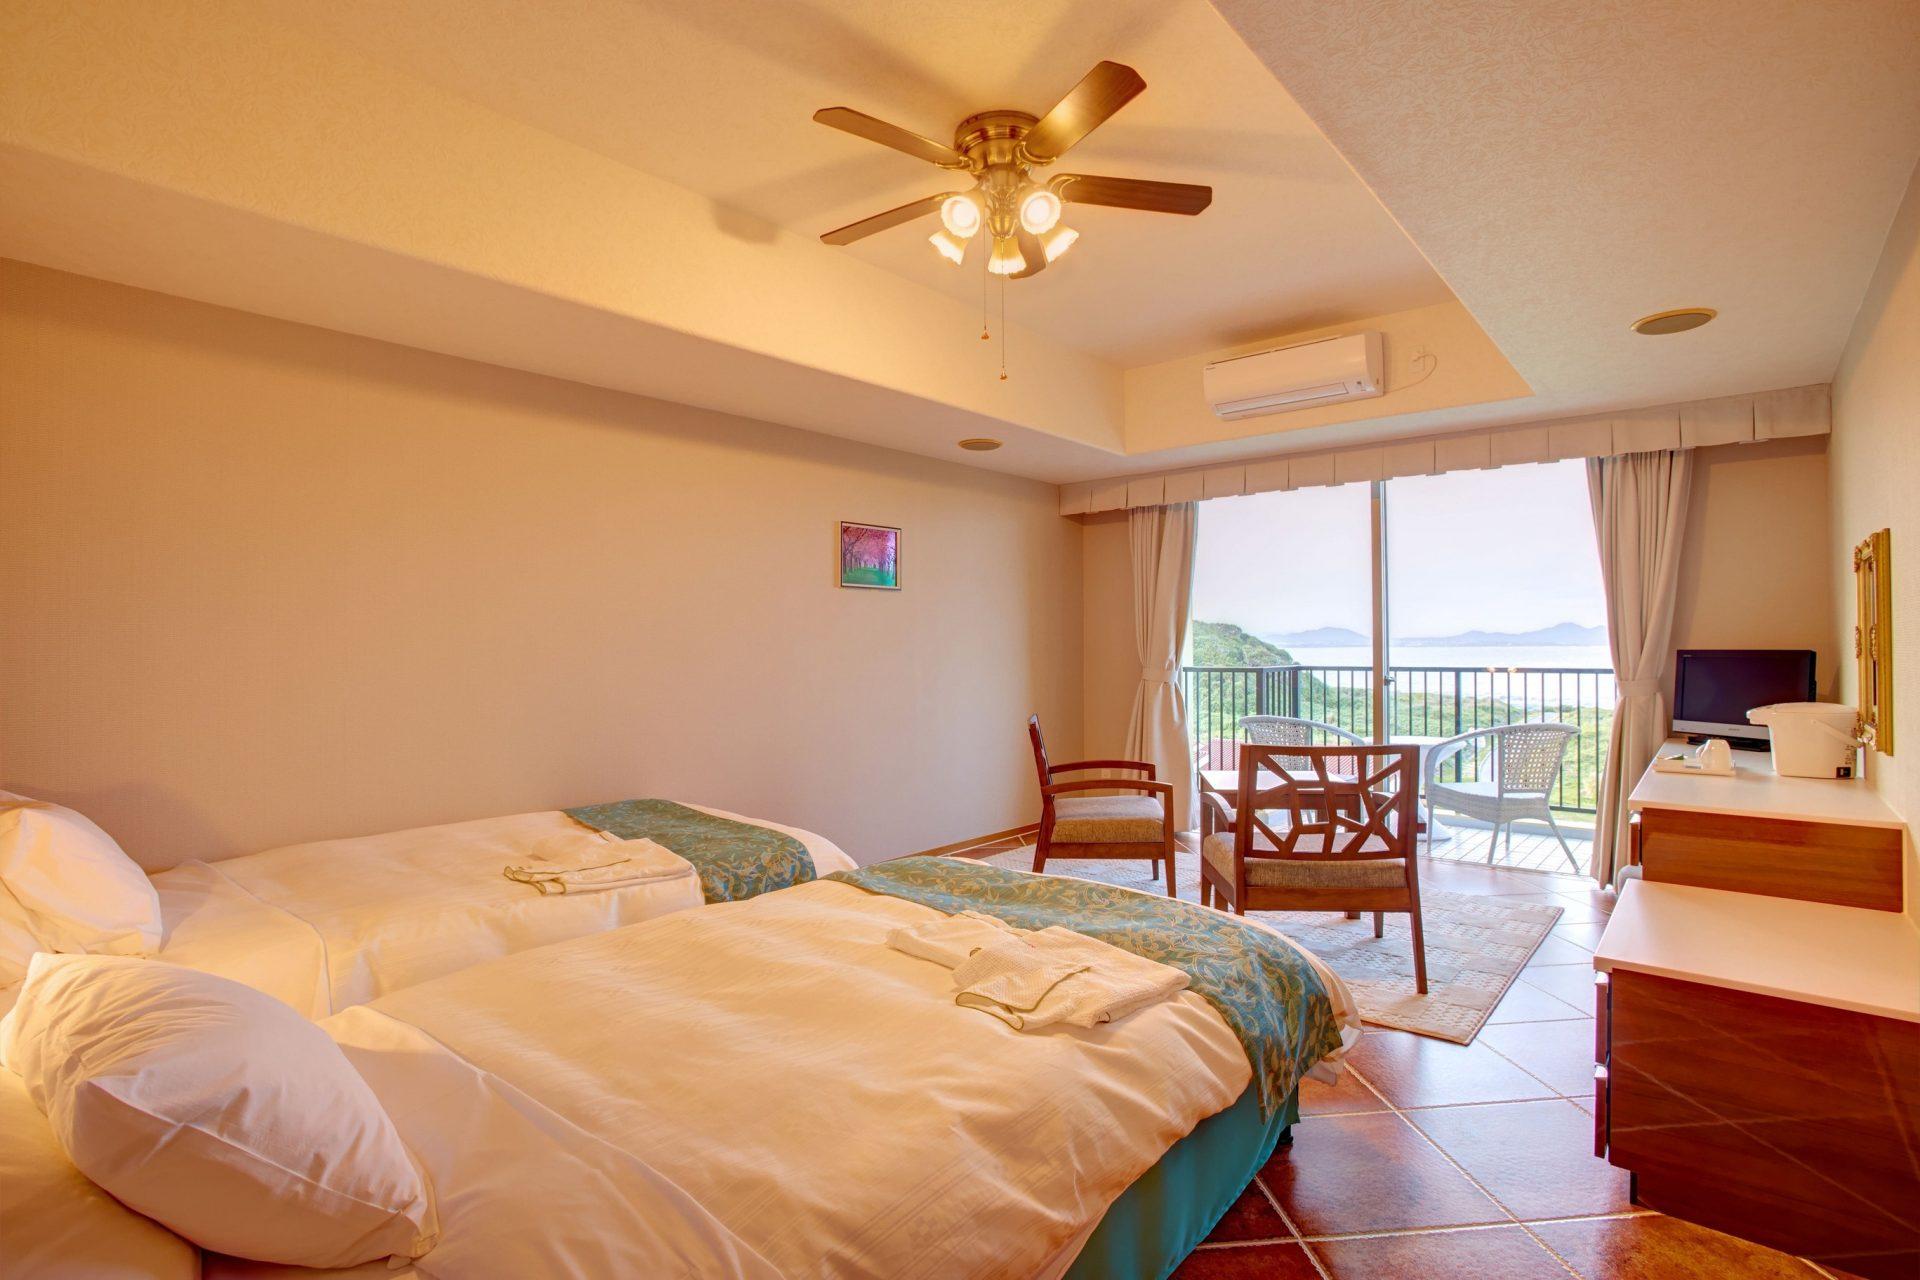 客室 AJ リゾート アイランド 伊計島 ホテル 沖縄 旅行 うるま市 観光 おすすめ